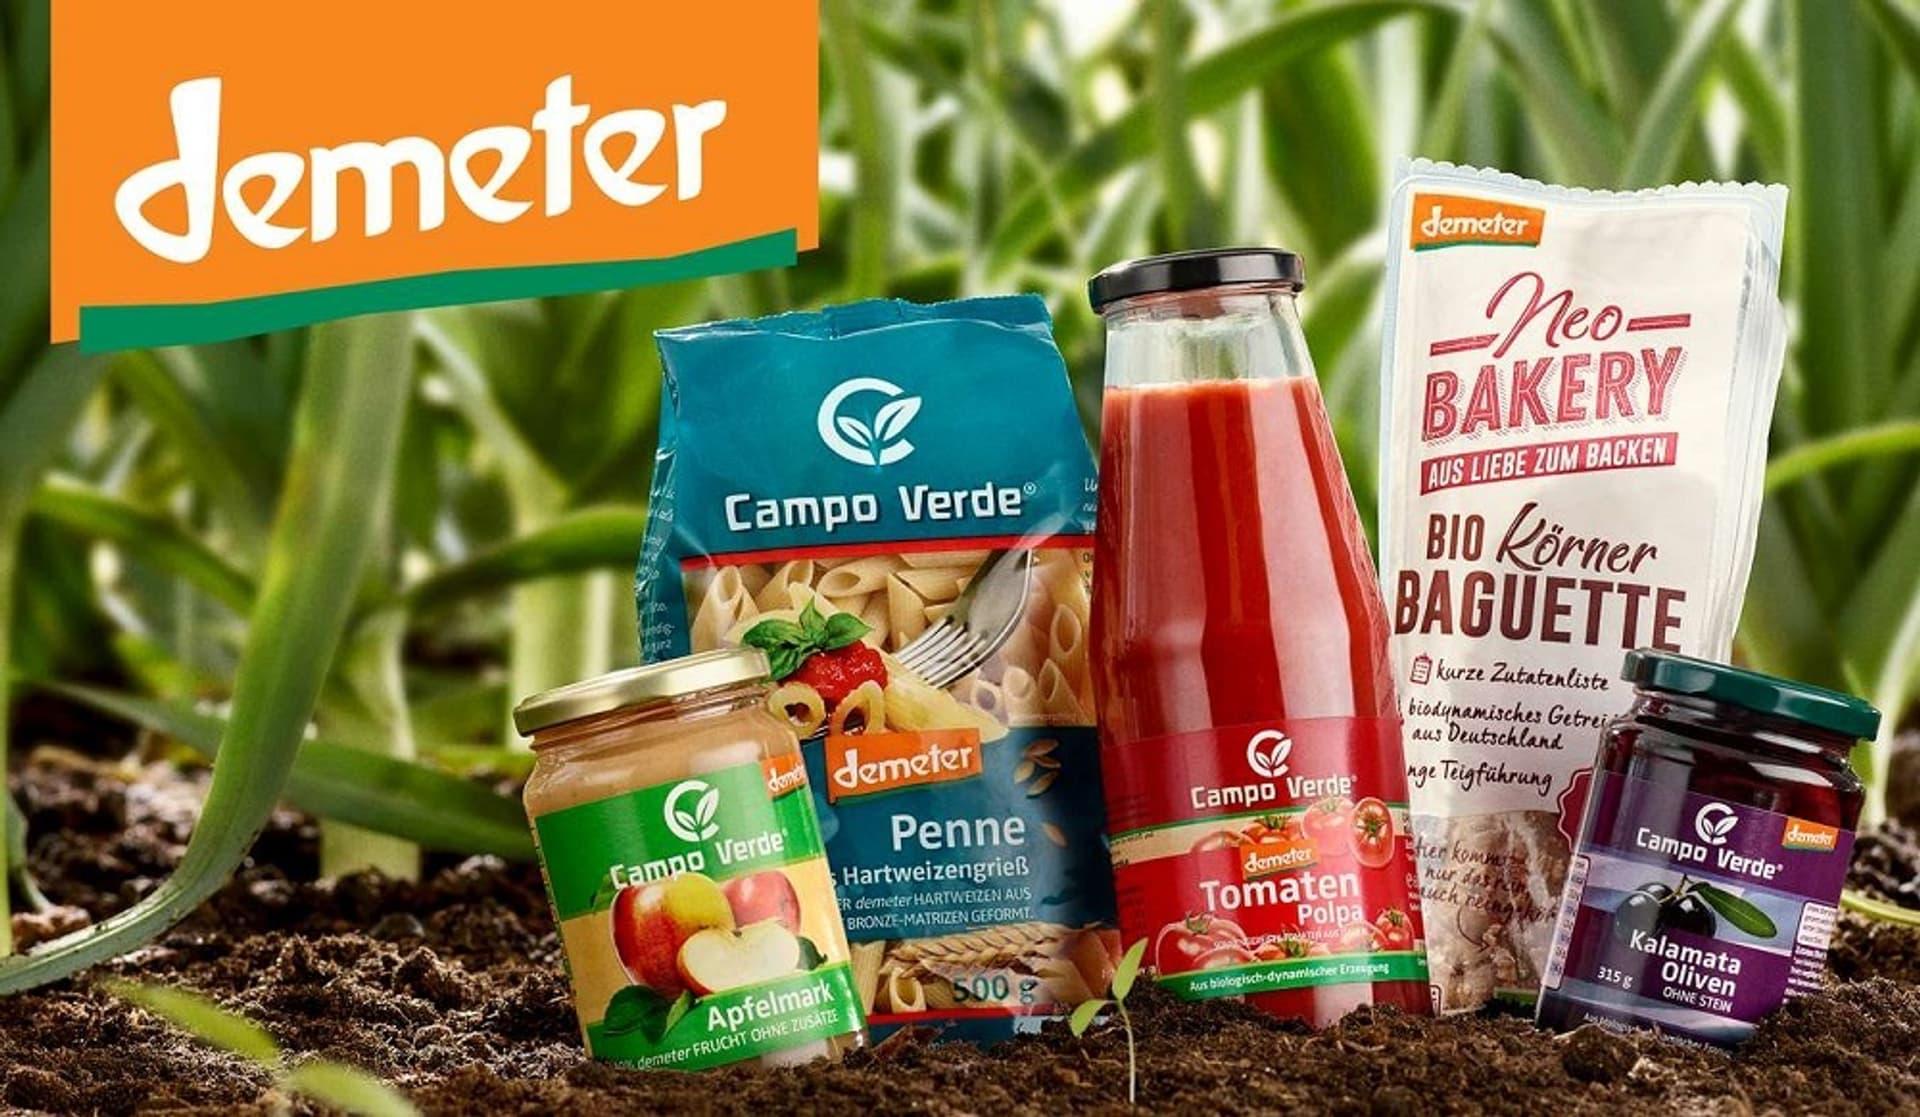 Demeter-Produkte